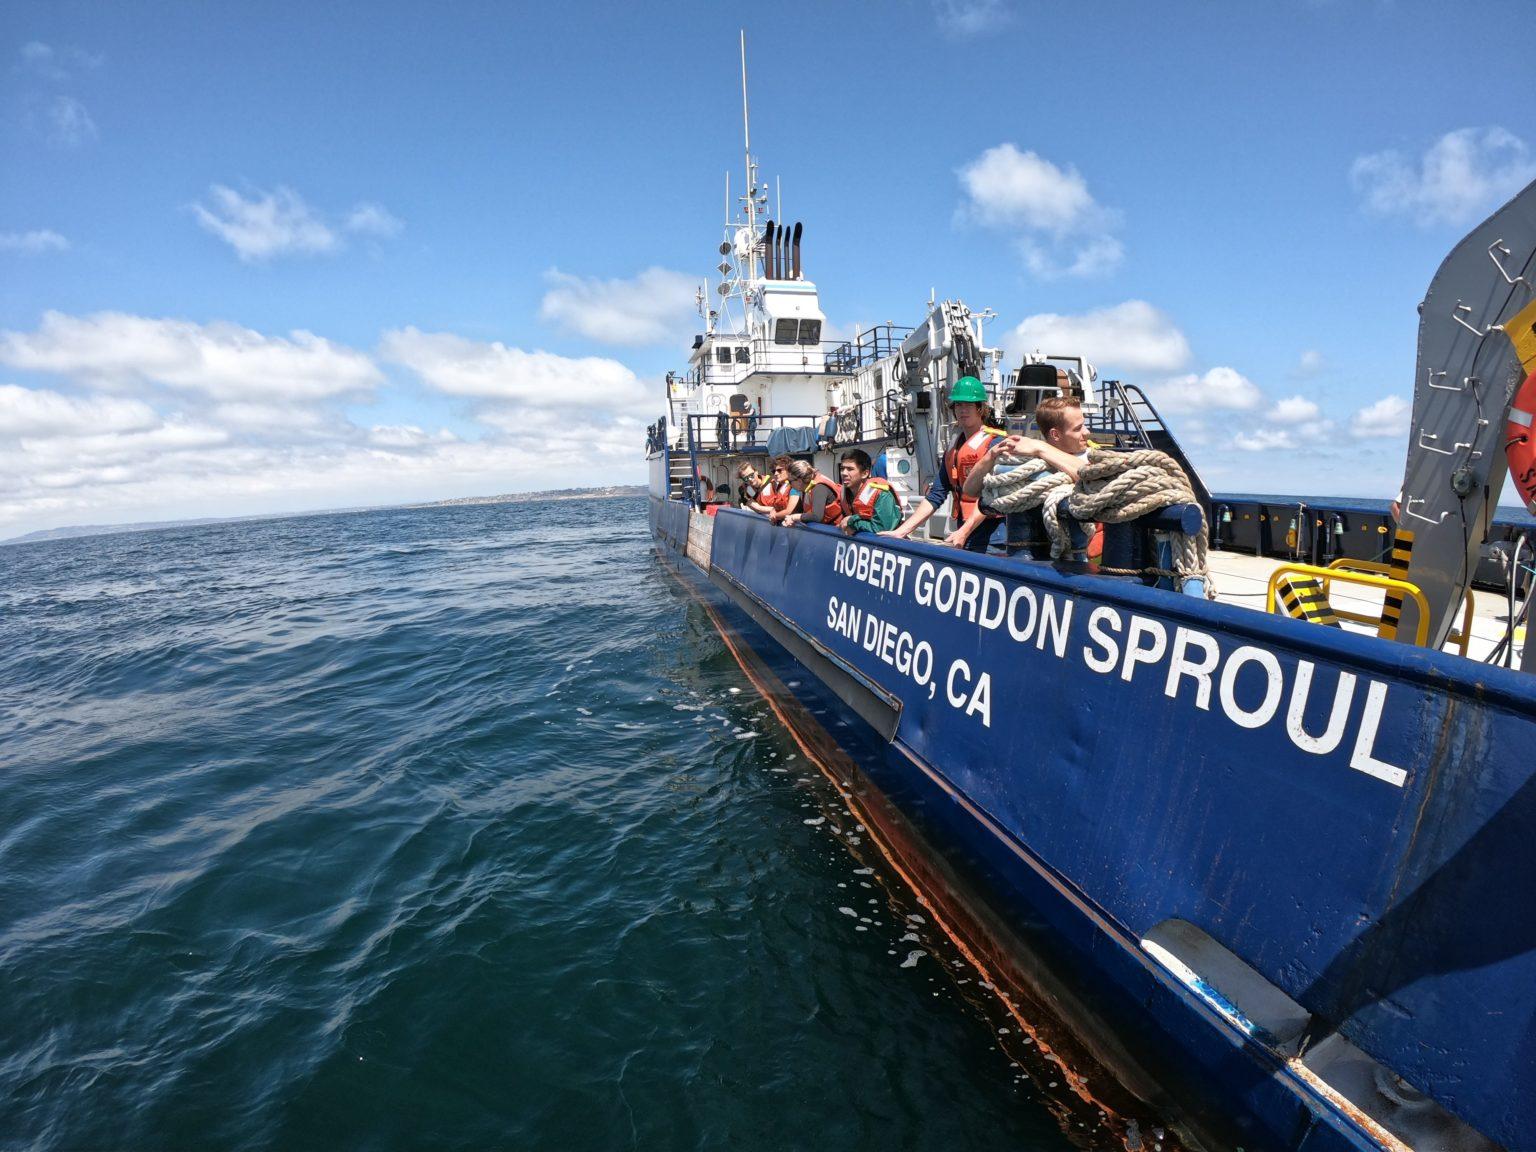 Scripps recibe 35 millones de dólares de California para construir un buque de investigación impulsado por hidrógeno